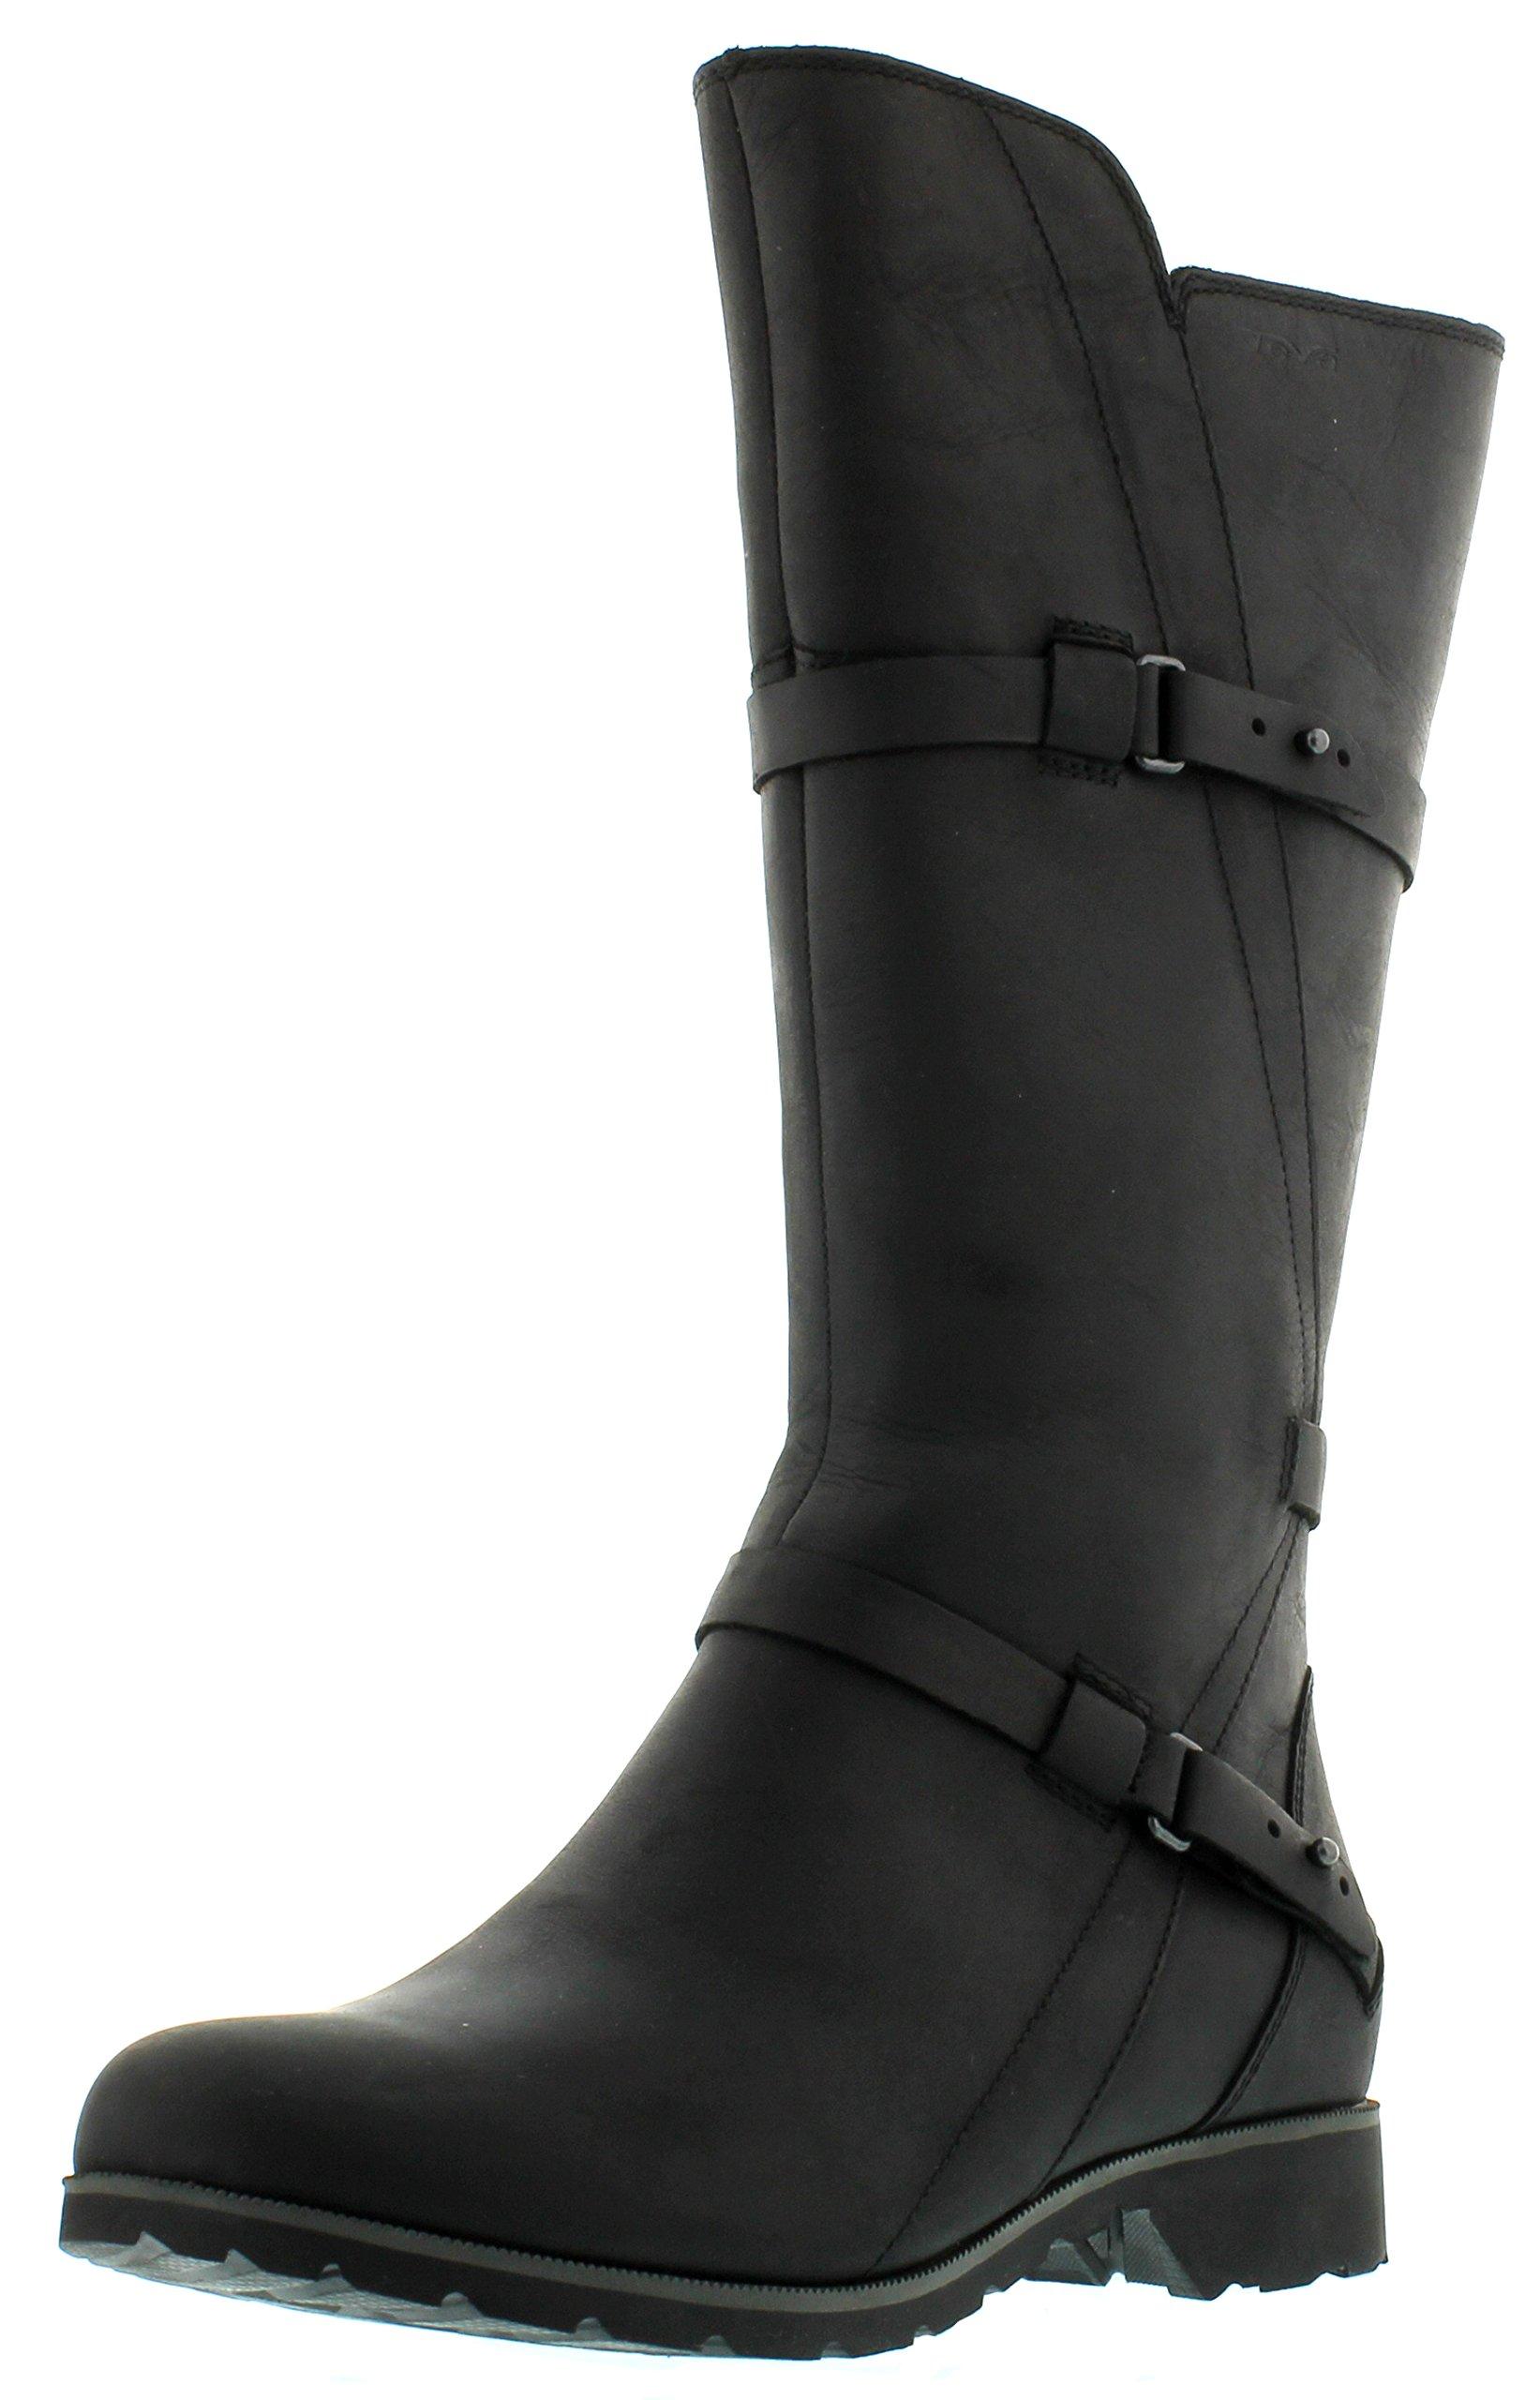 Teva Women's De La Vina Boot,Black,8 M US